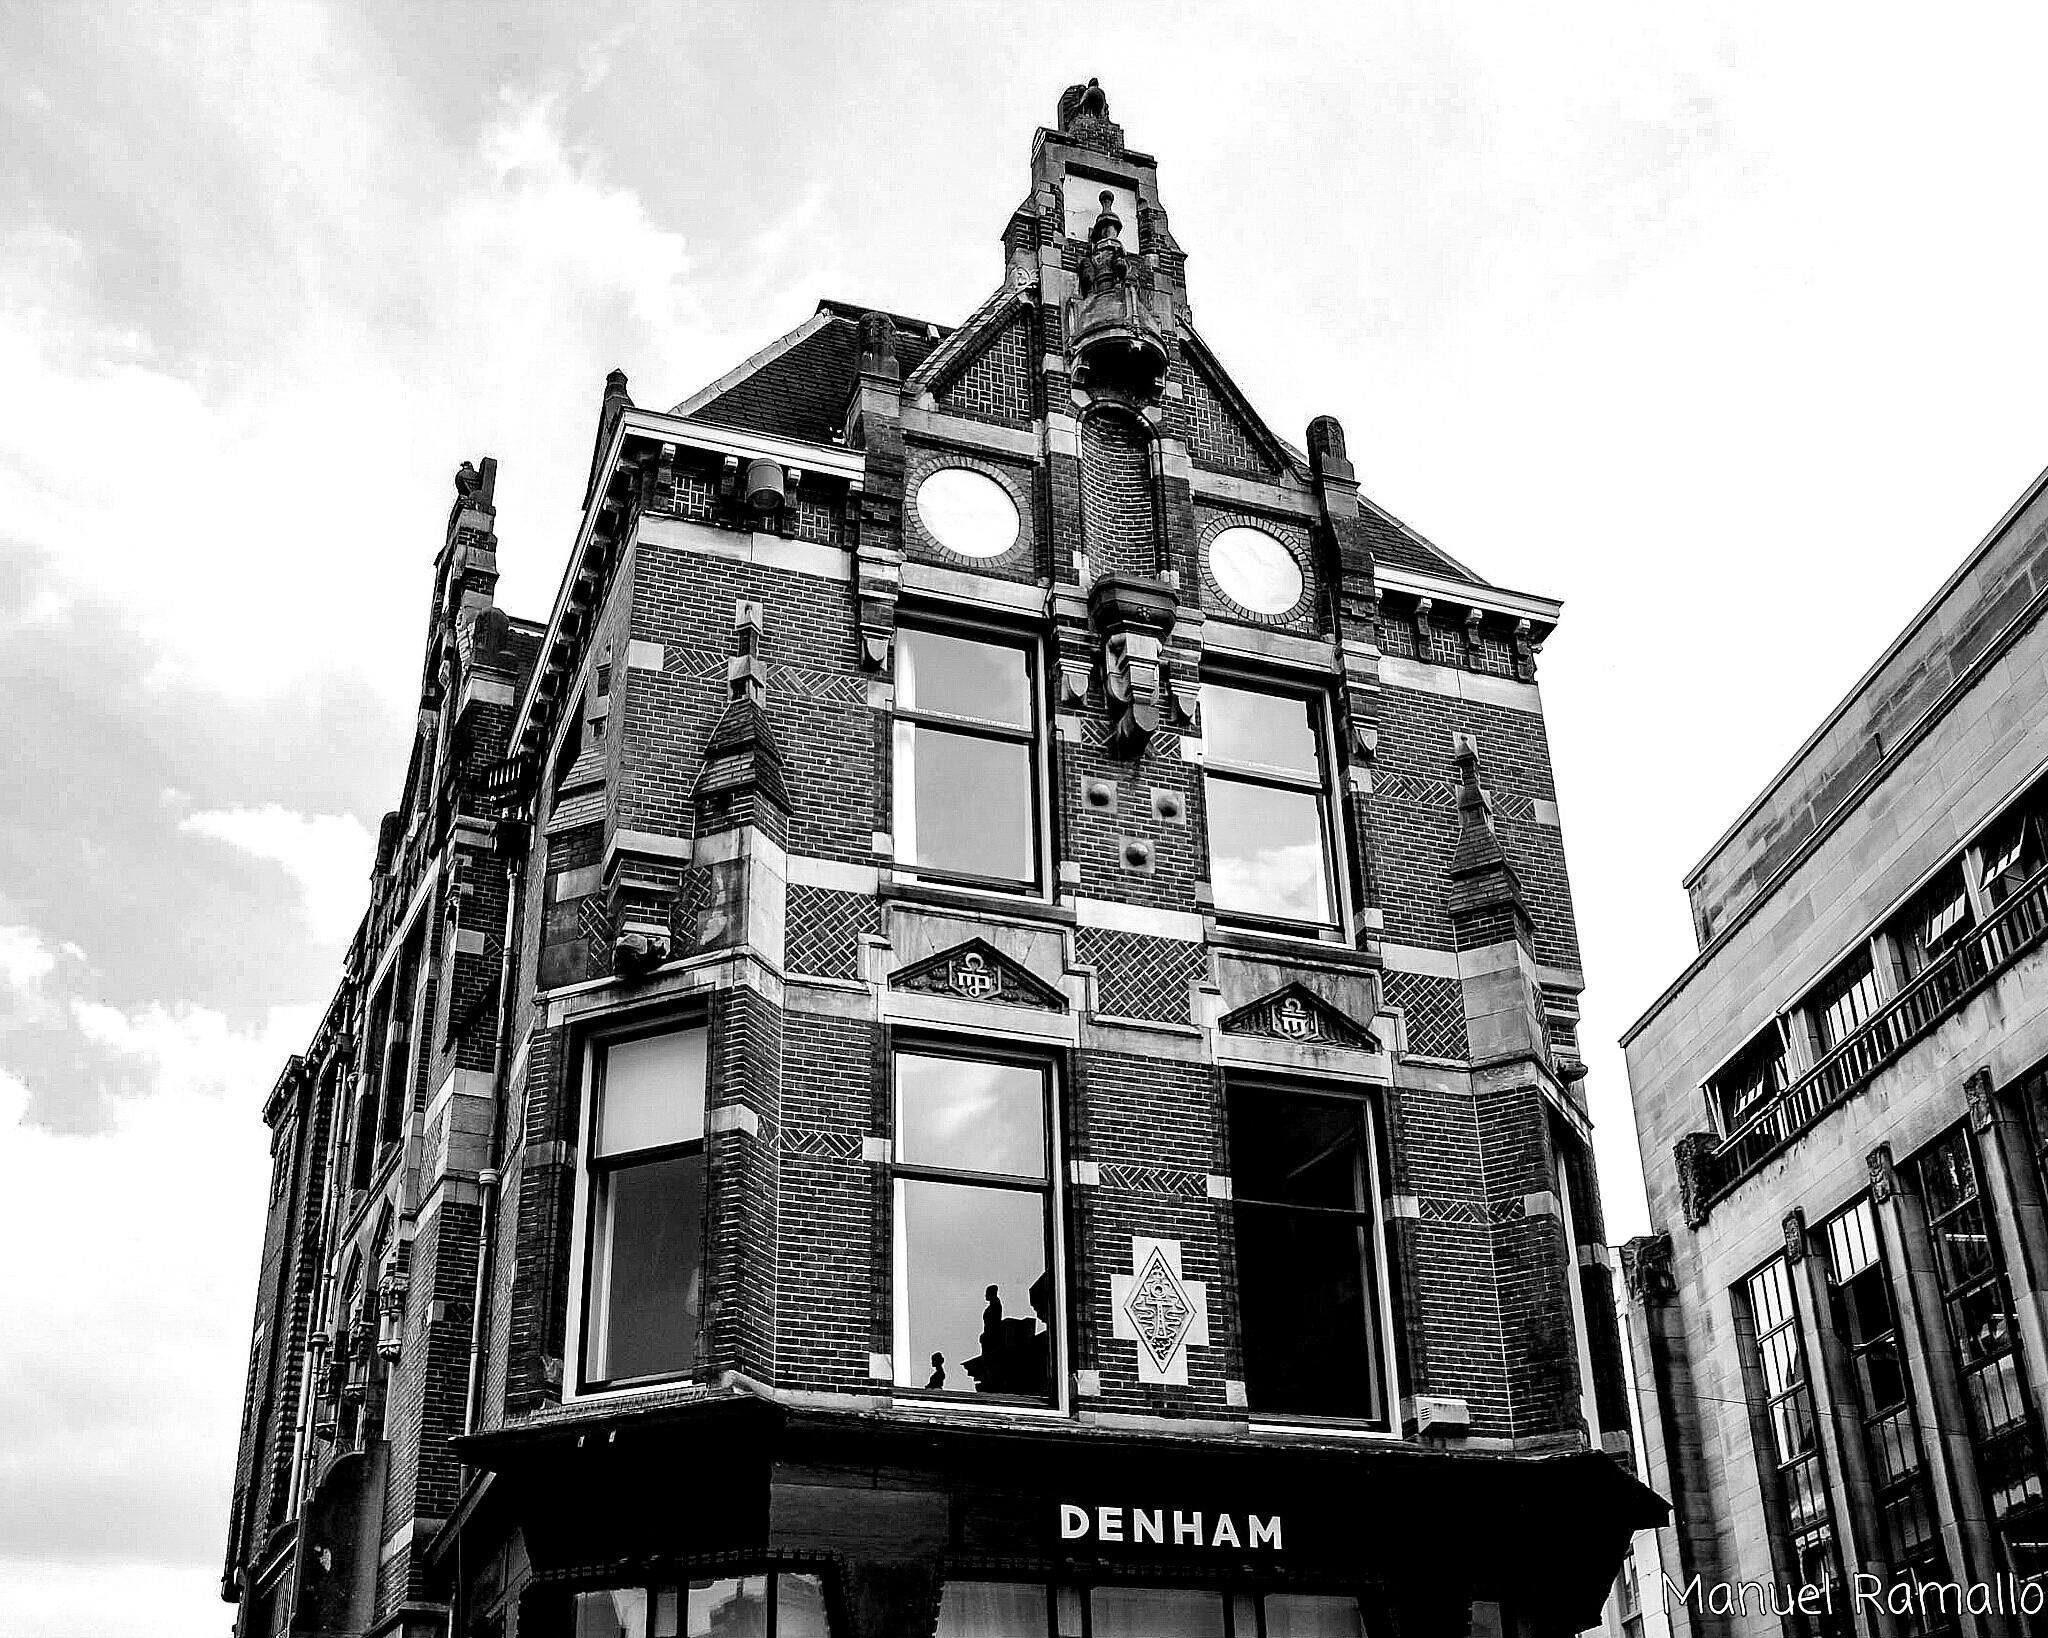 blanco-y-negro-fachada-utrecht-holanda-paises-bajos